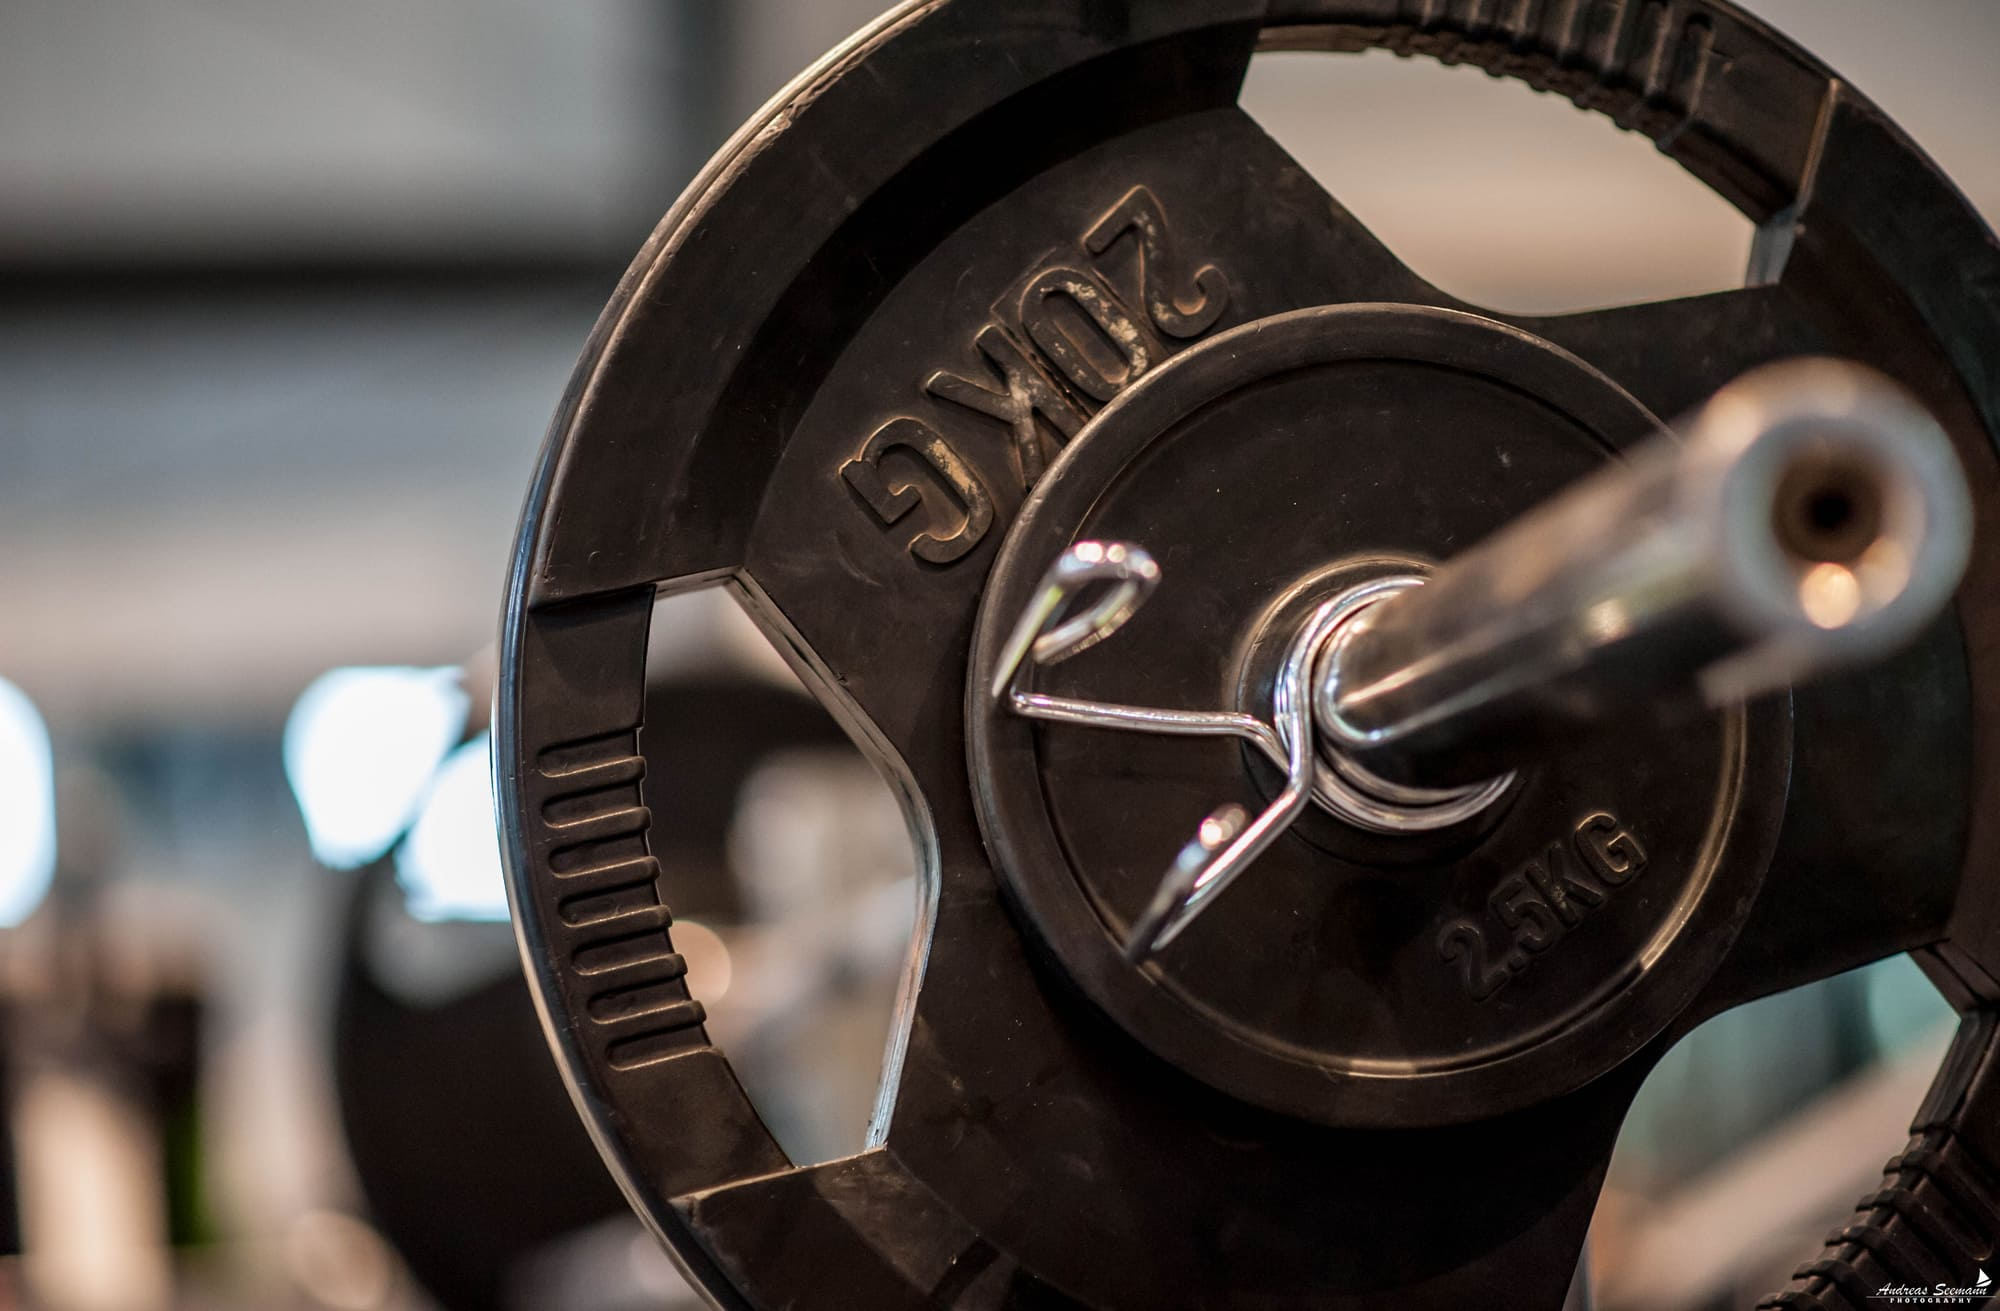 Trainingsfläche Gewichtsscheiben